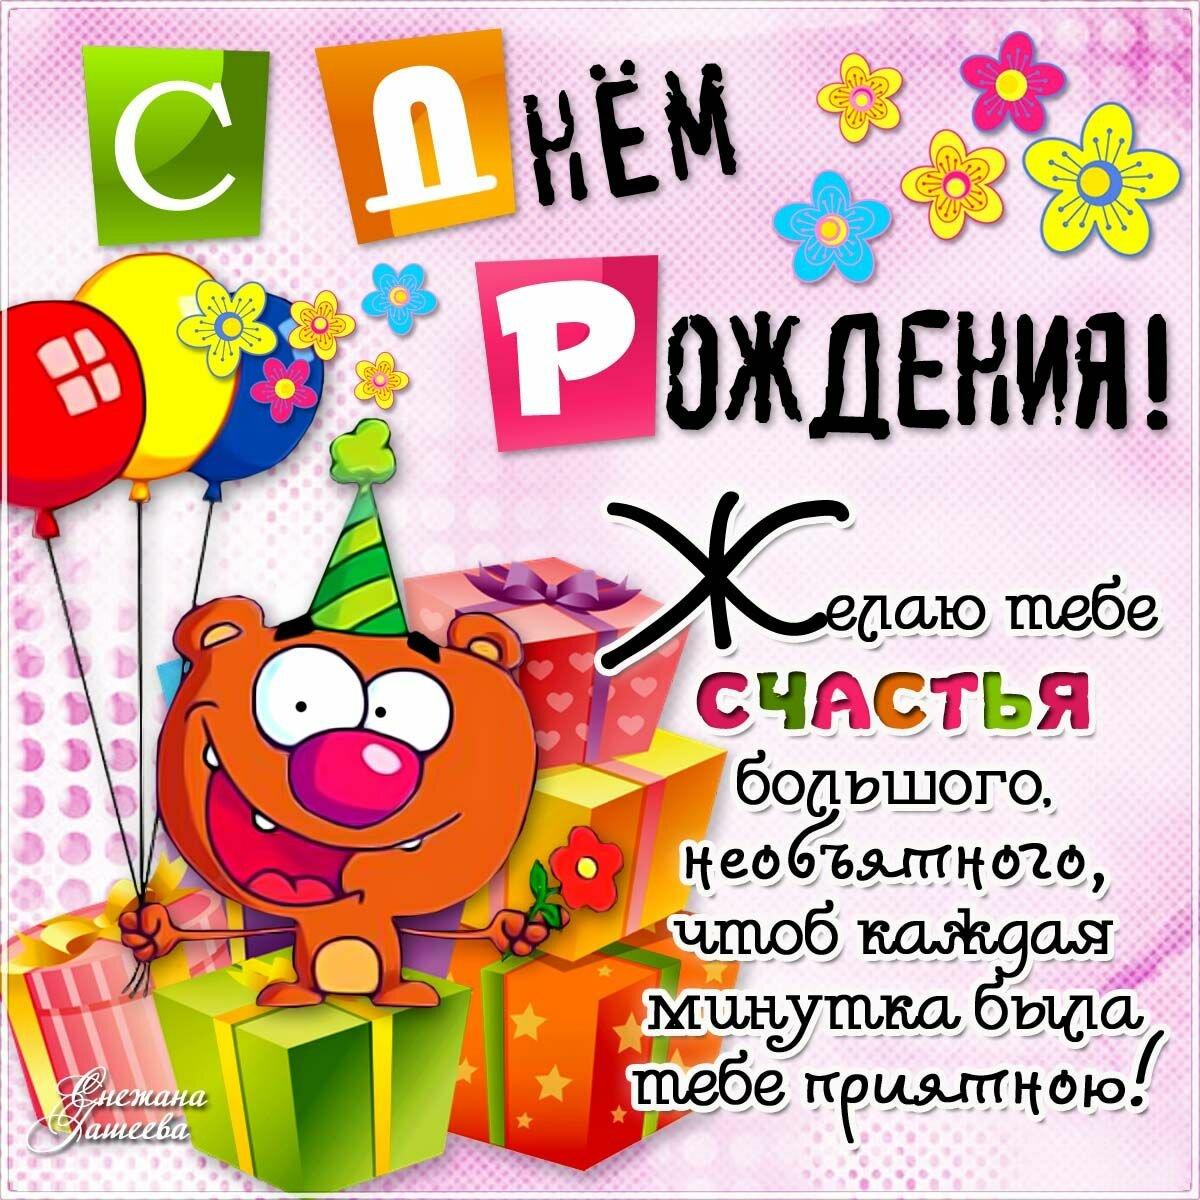 Поздравления в прозе с днем рождения 17 лет